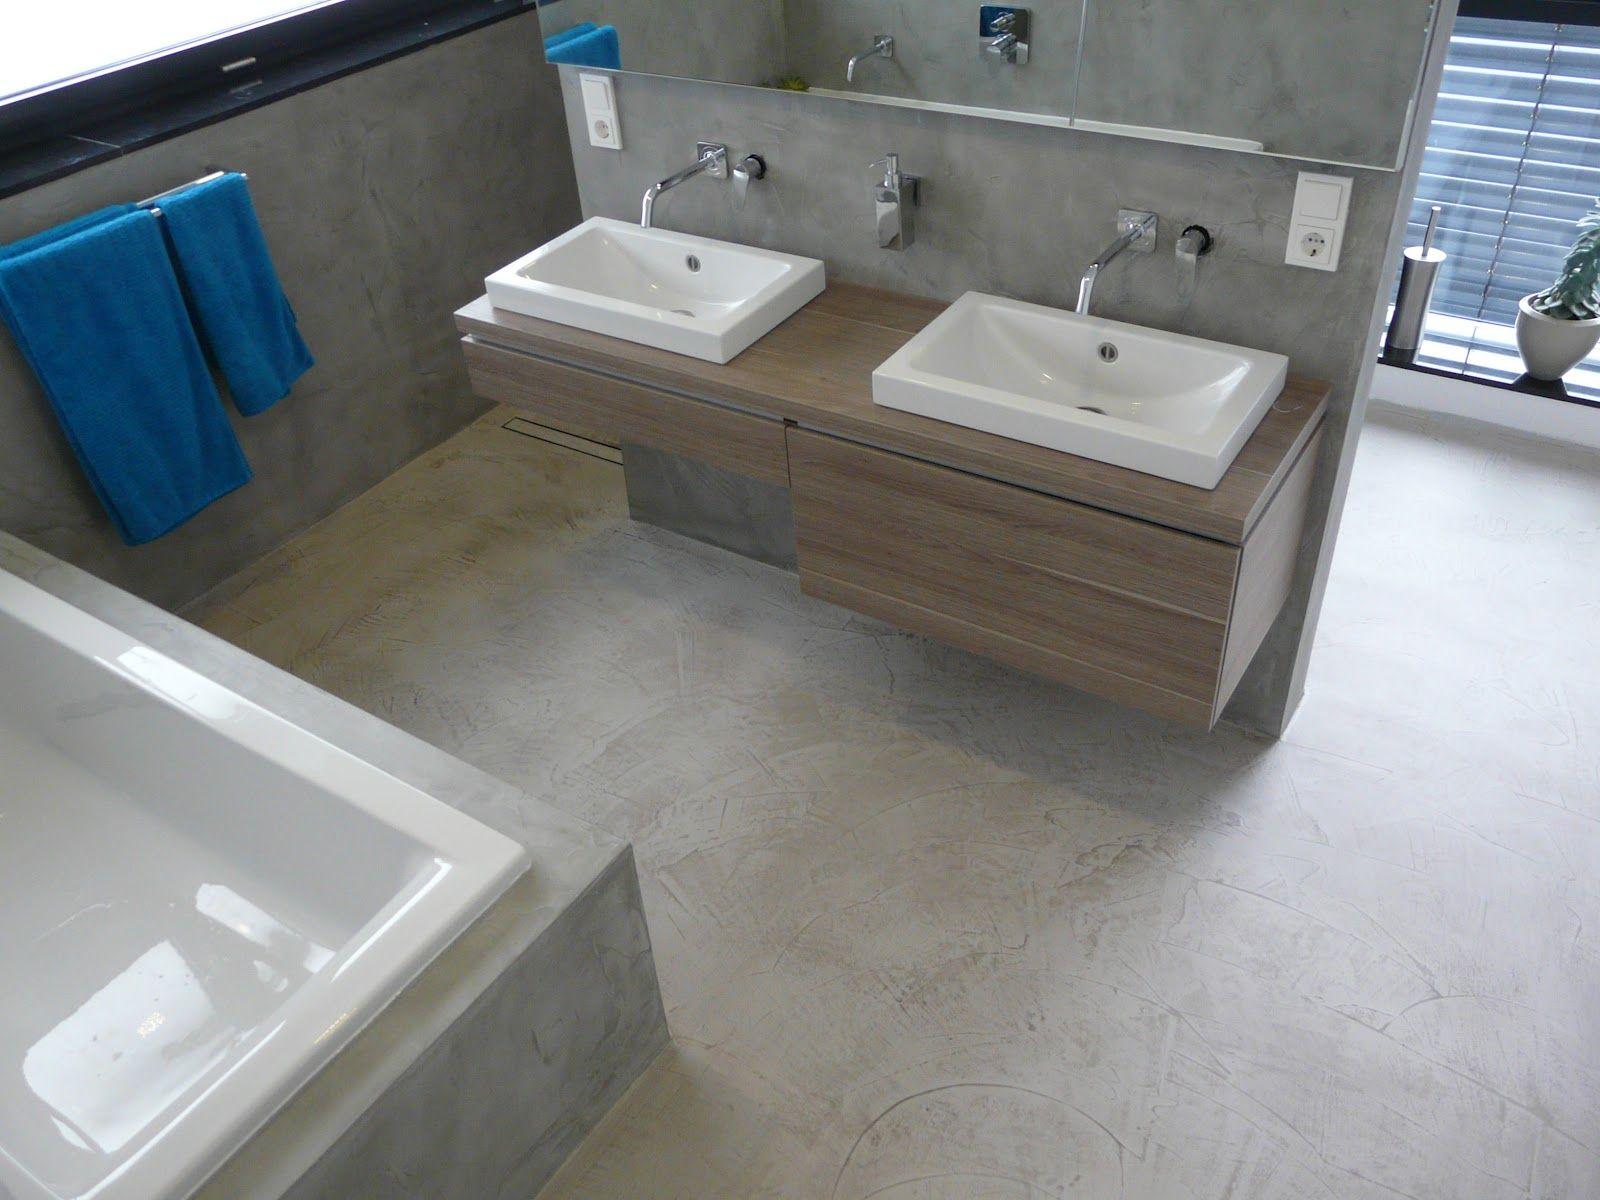 Beton Cire Tegels : Wand wohndesign beton cire beton floor bodenbeschichtung in